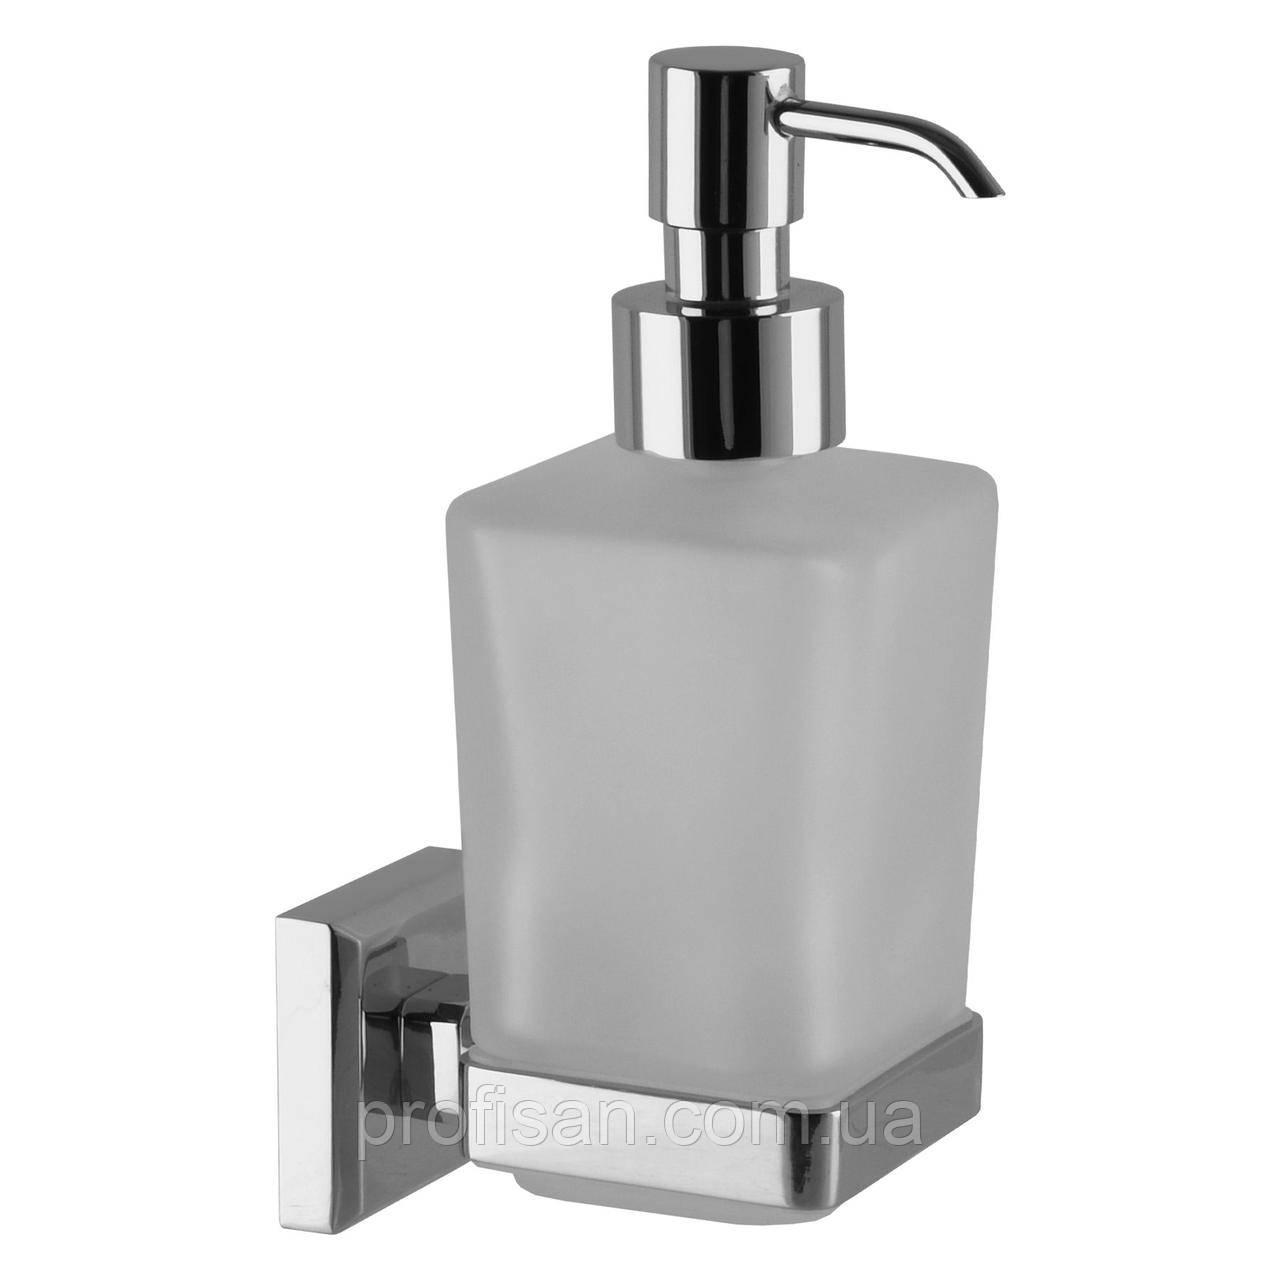 Дозатор жидкого мыла Perfect Sanitary Appliances КВ 9933A